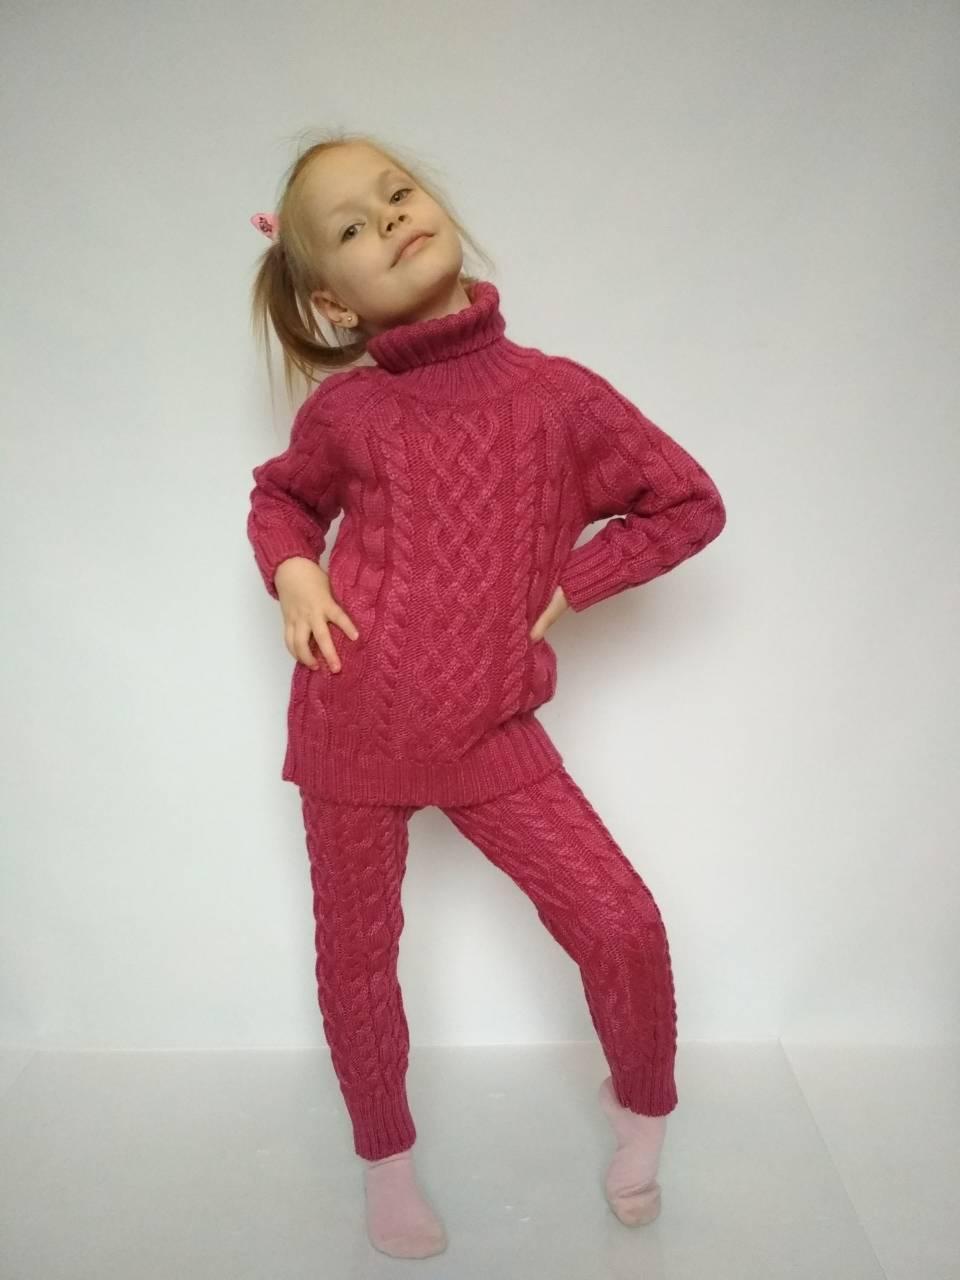 вязаный костюм для девочки красного цвета за 450 грн в харькове от